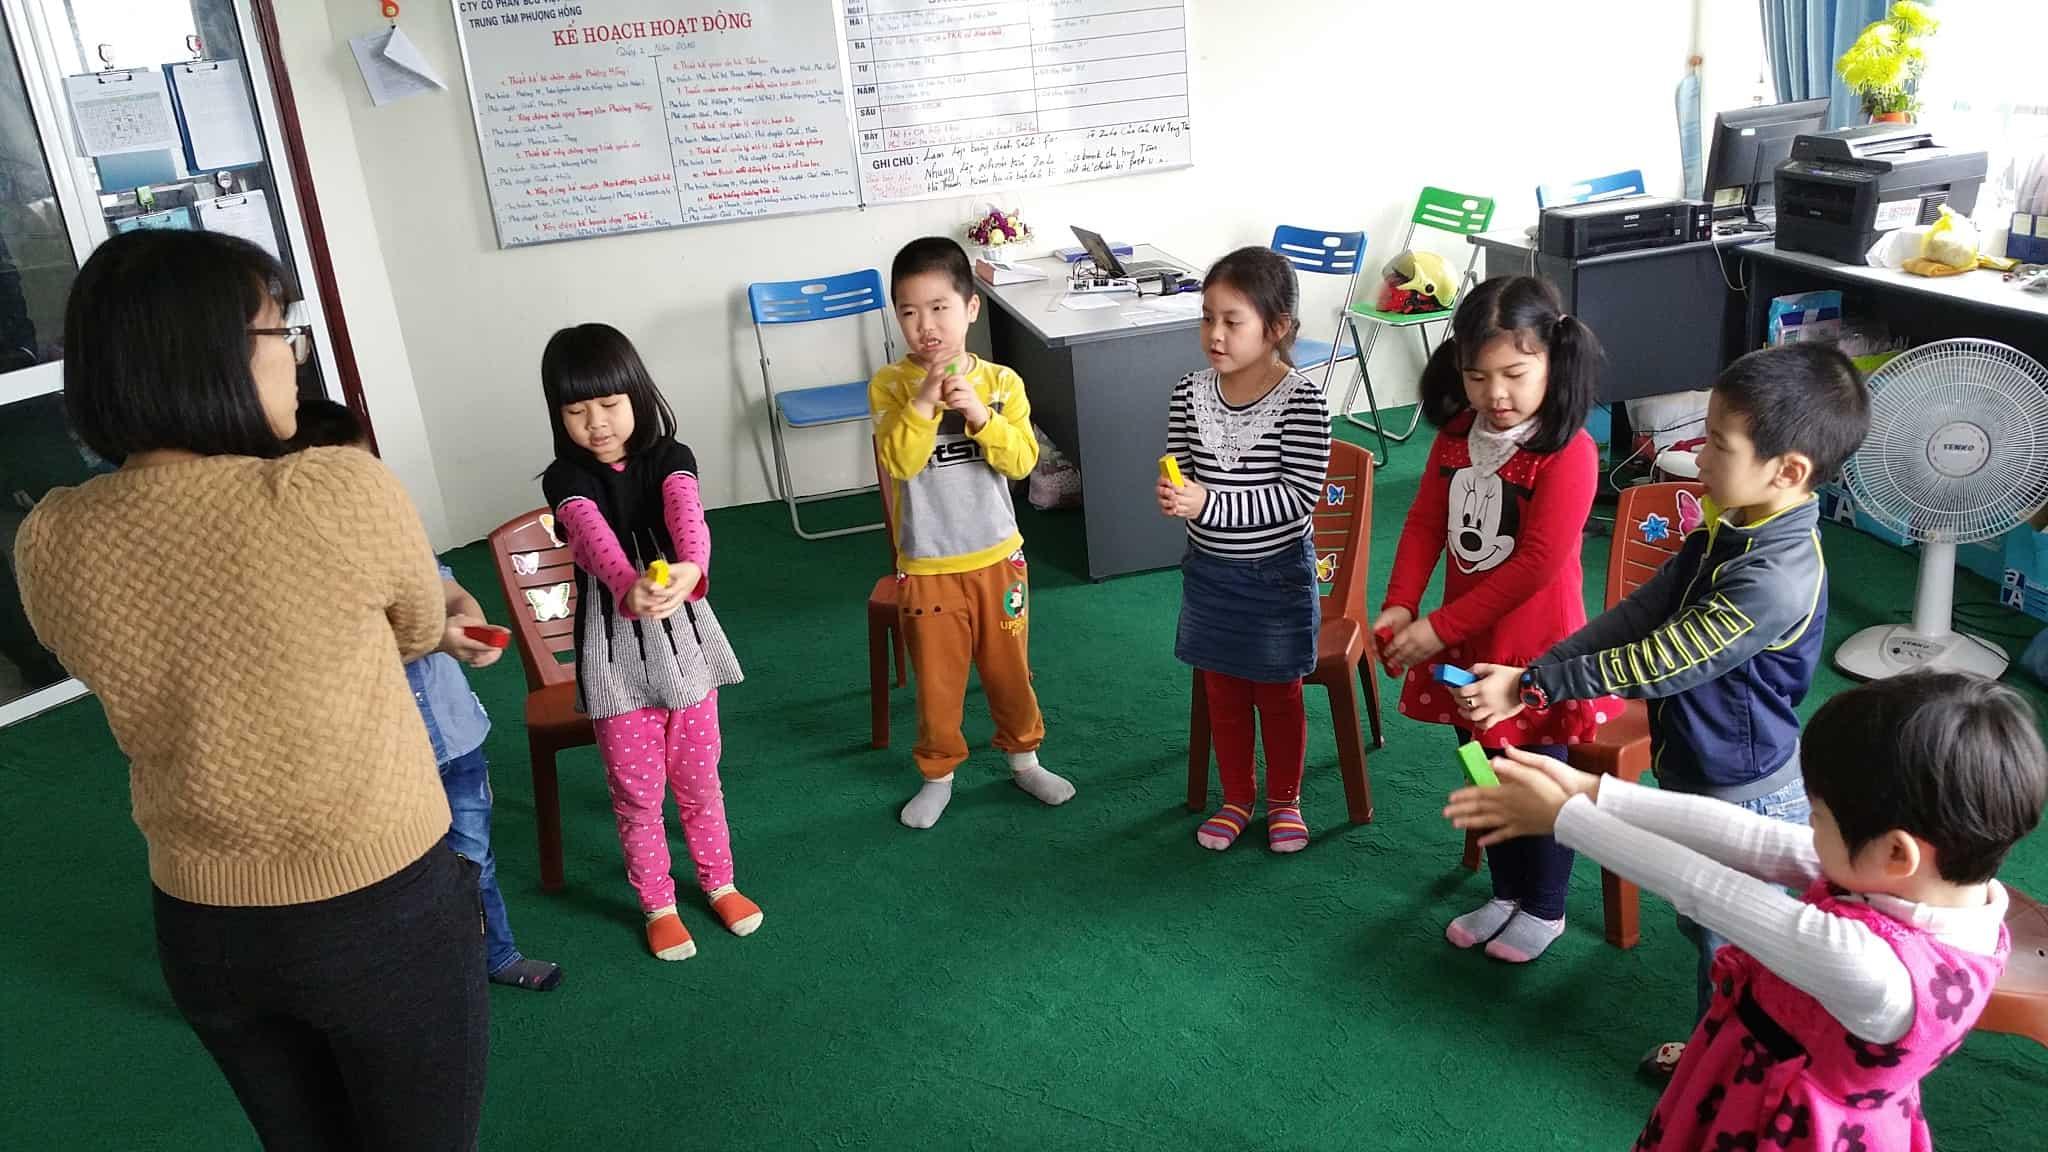 trung-tam-day-nang-khieu-cho-tre Hướng dẫn chọn trung tâm dạy năng khiếu cho trẻ phù hợp